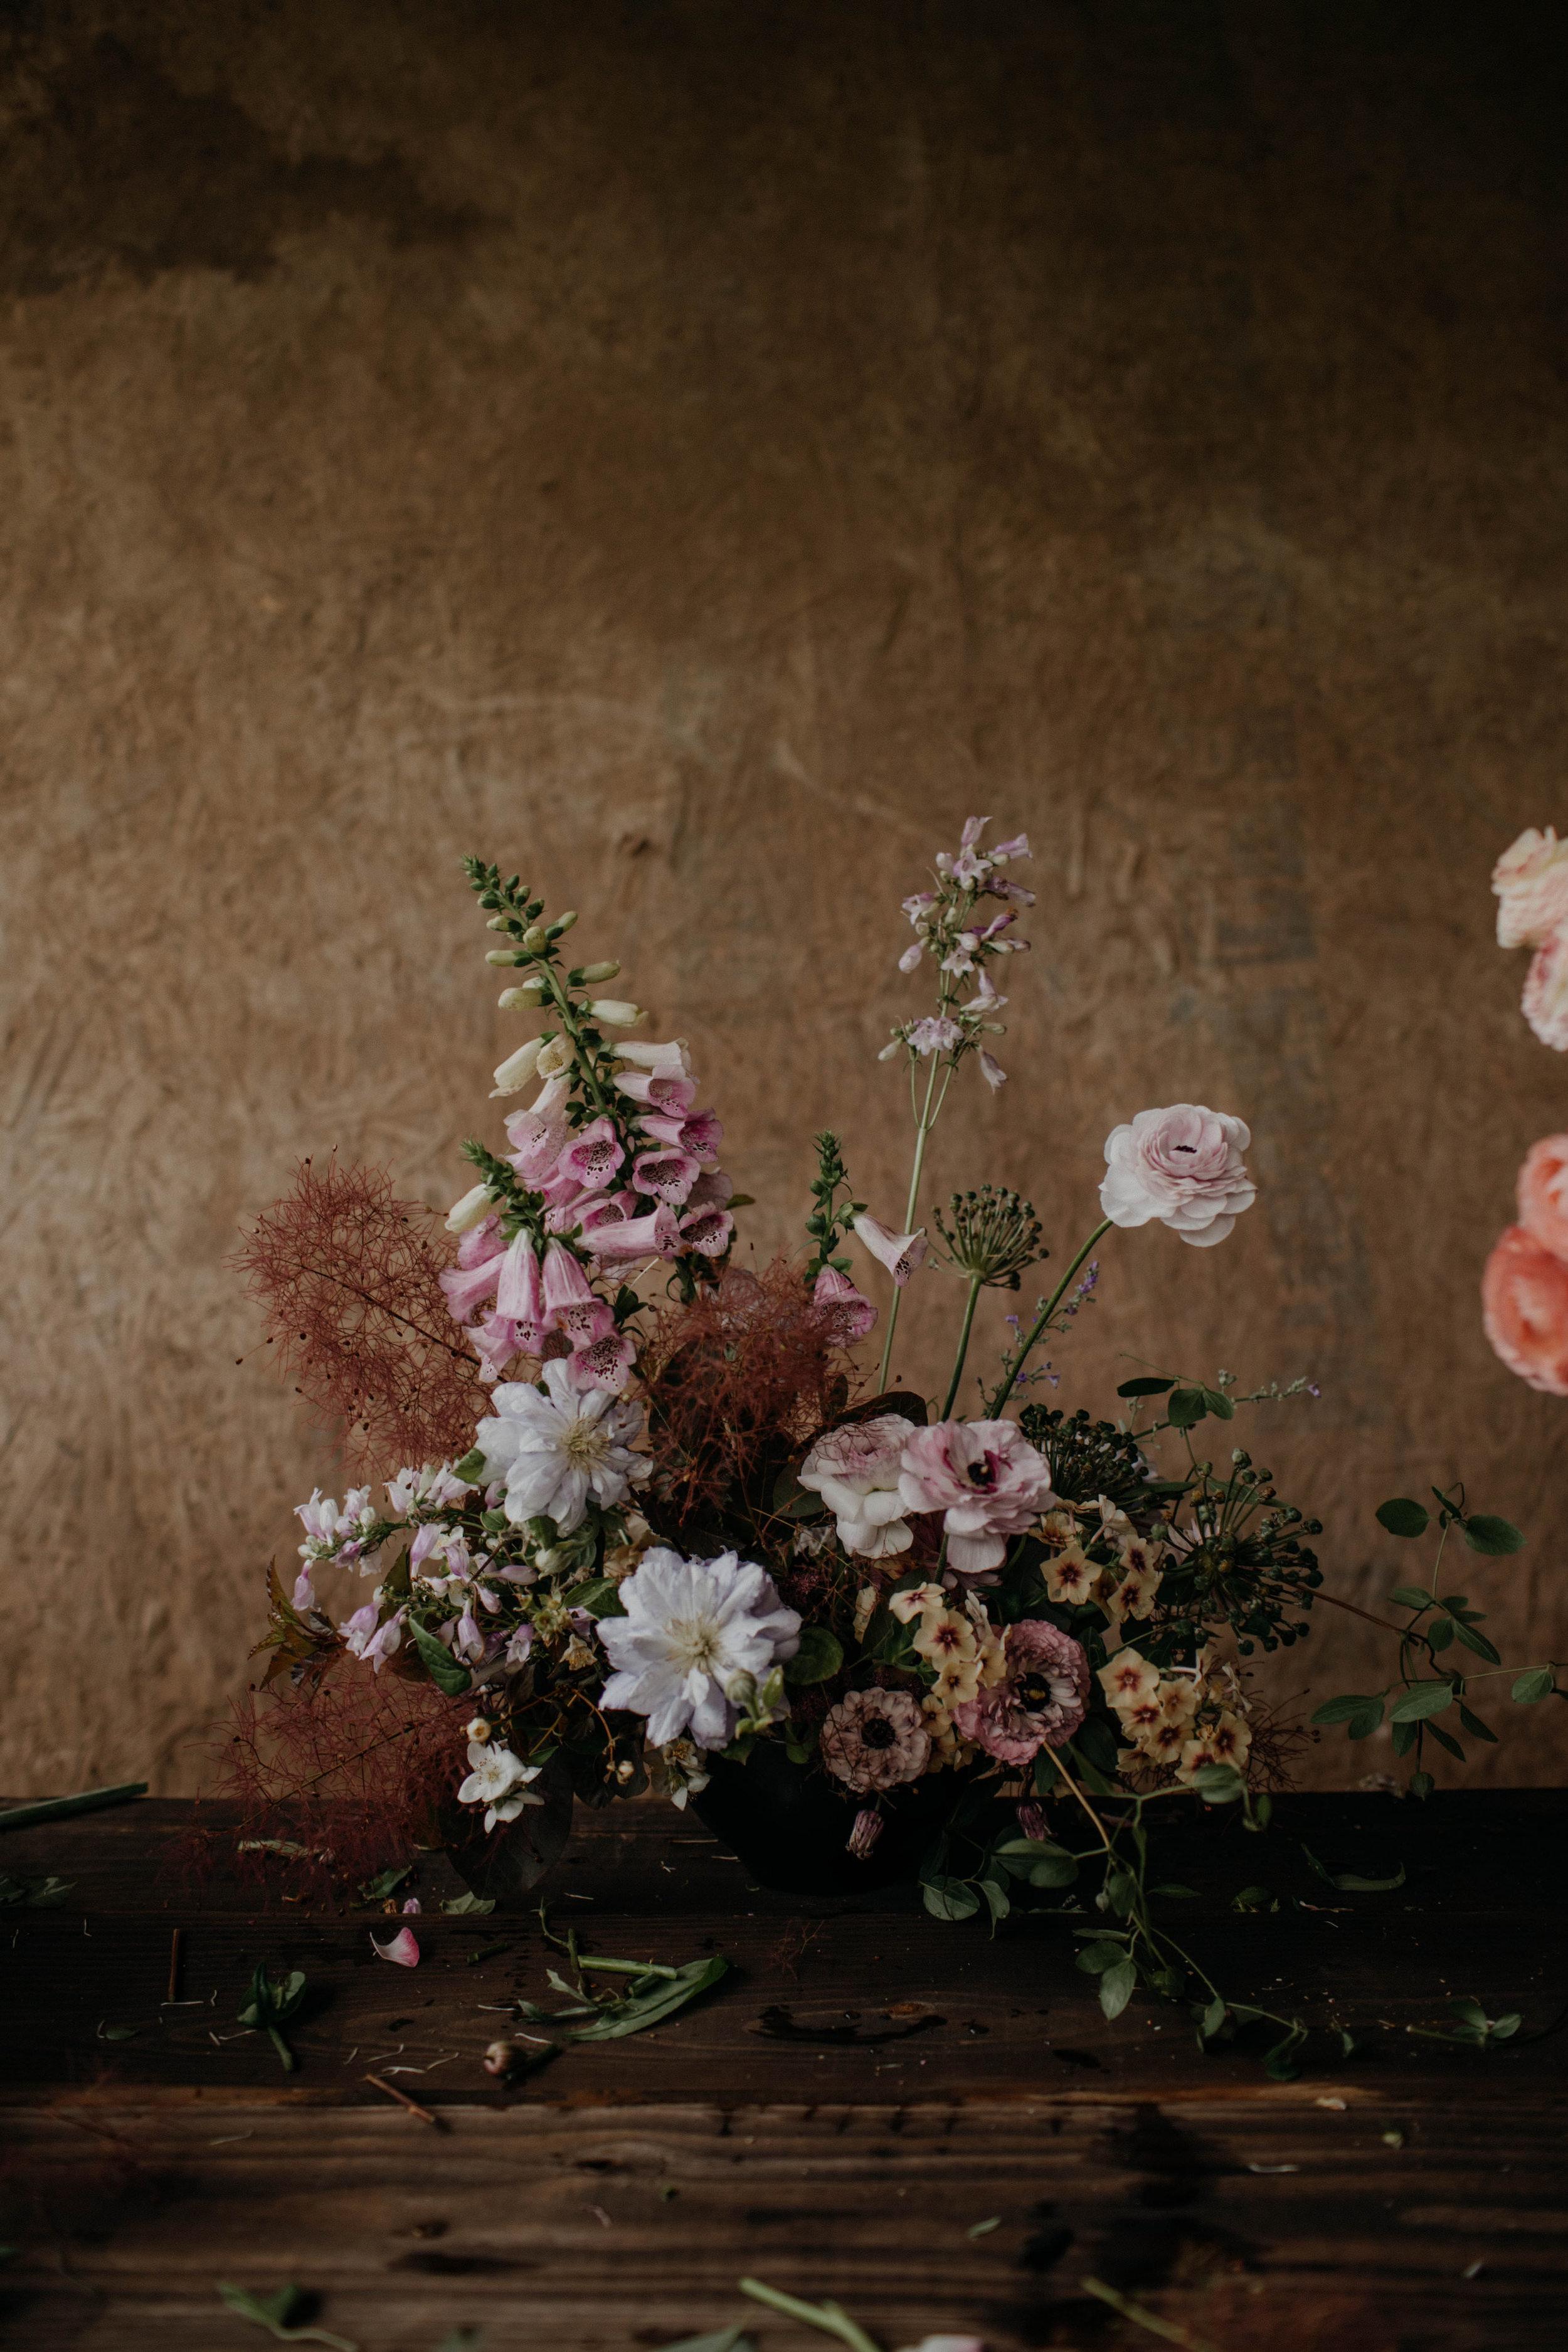 nashville floral workshop nashville tennessee wedding photographer61.jpg